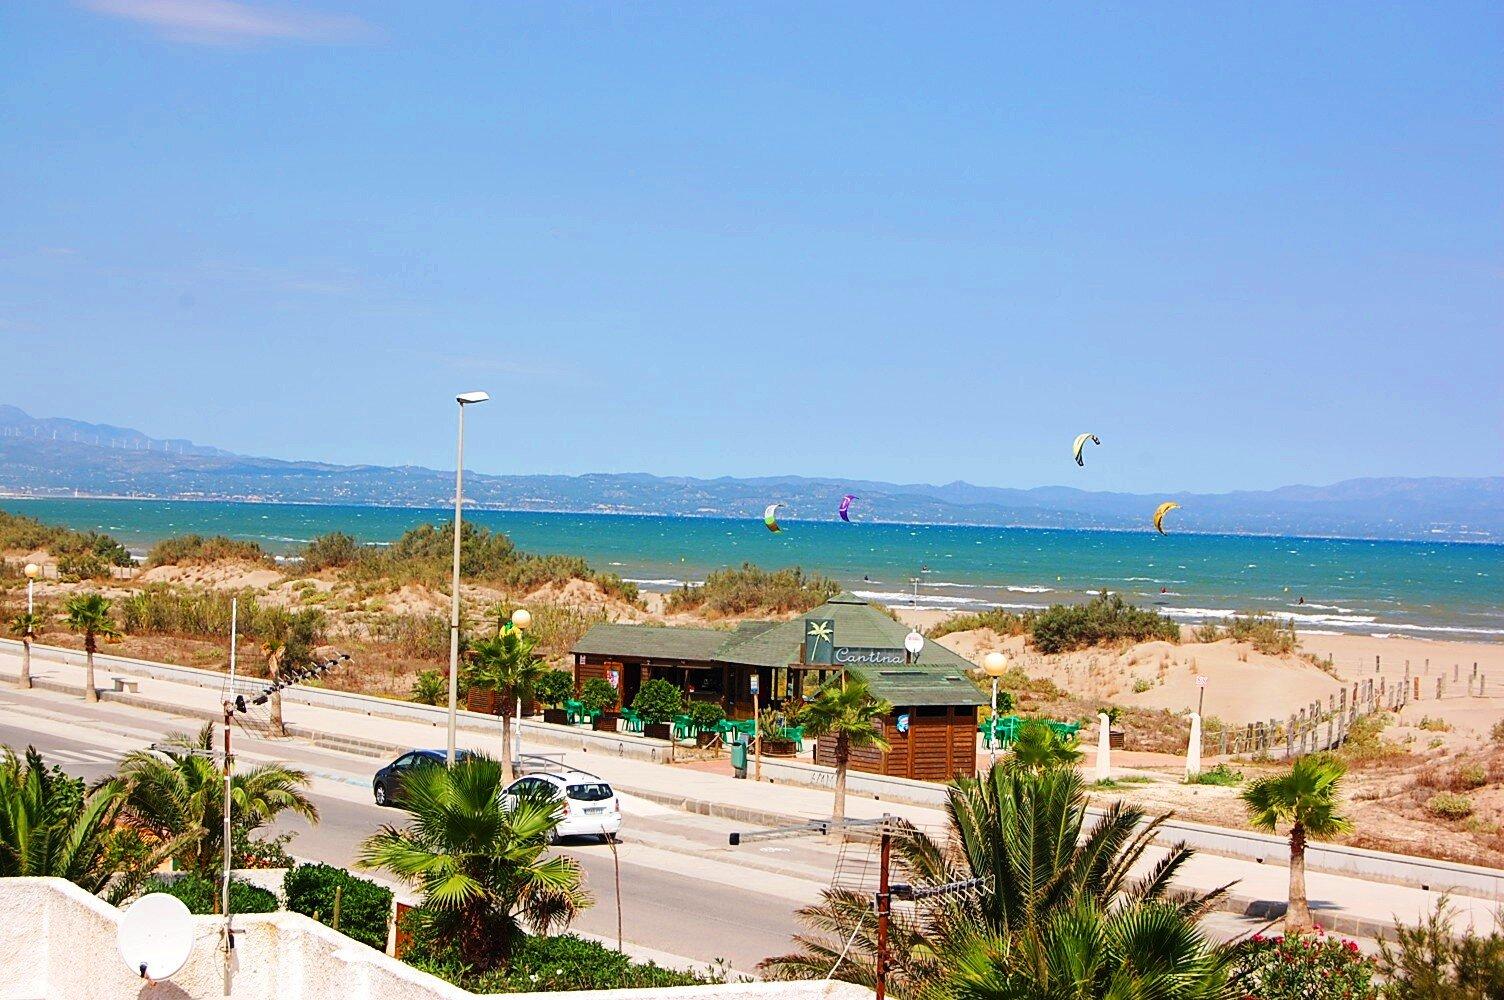 Die Badebucht von Riumar mit Strandcafes